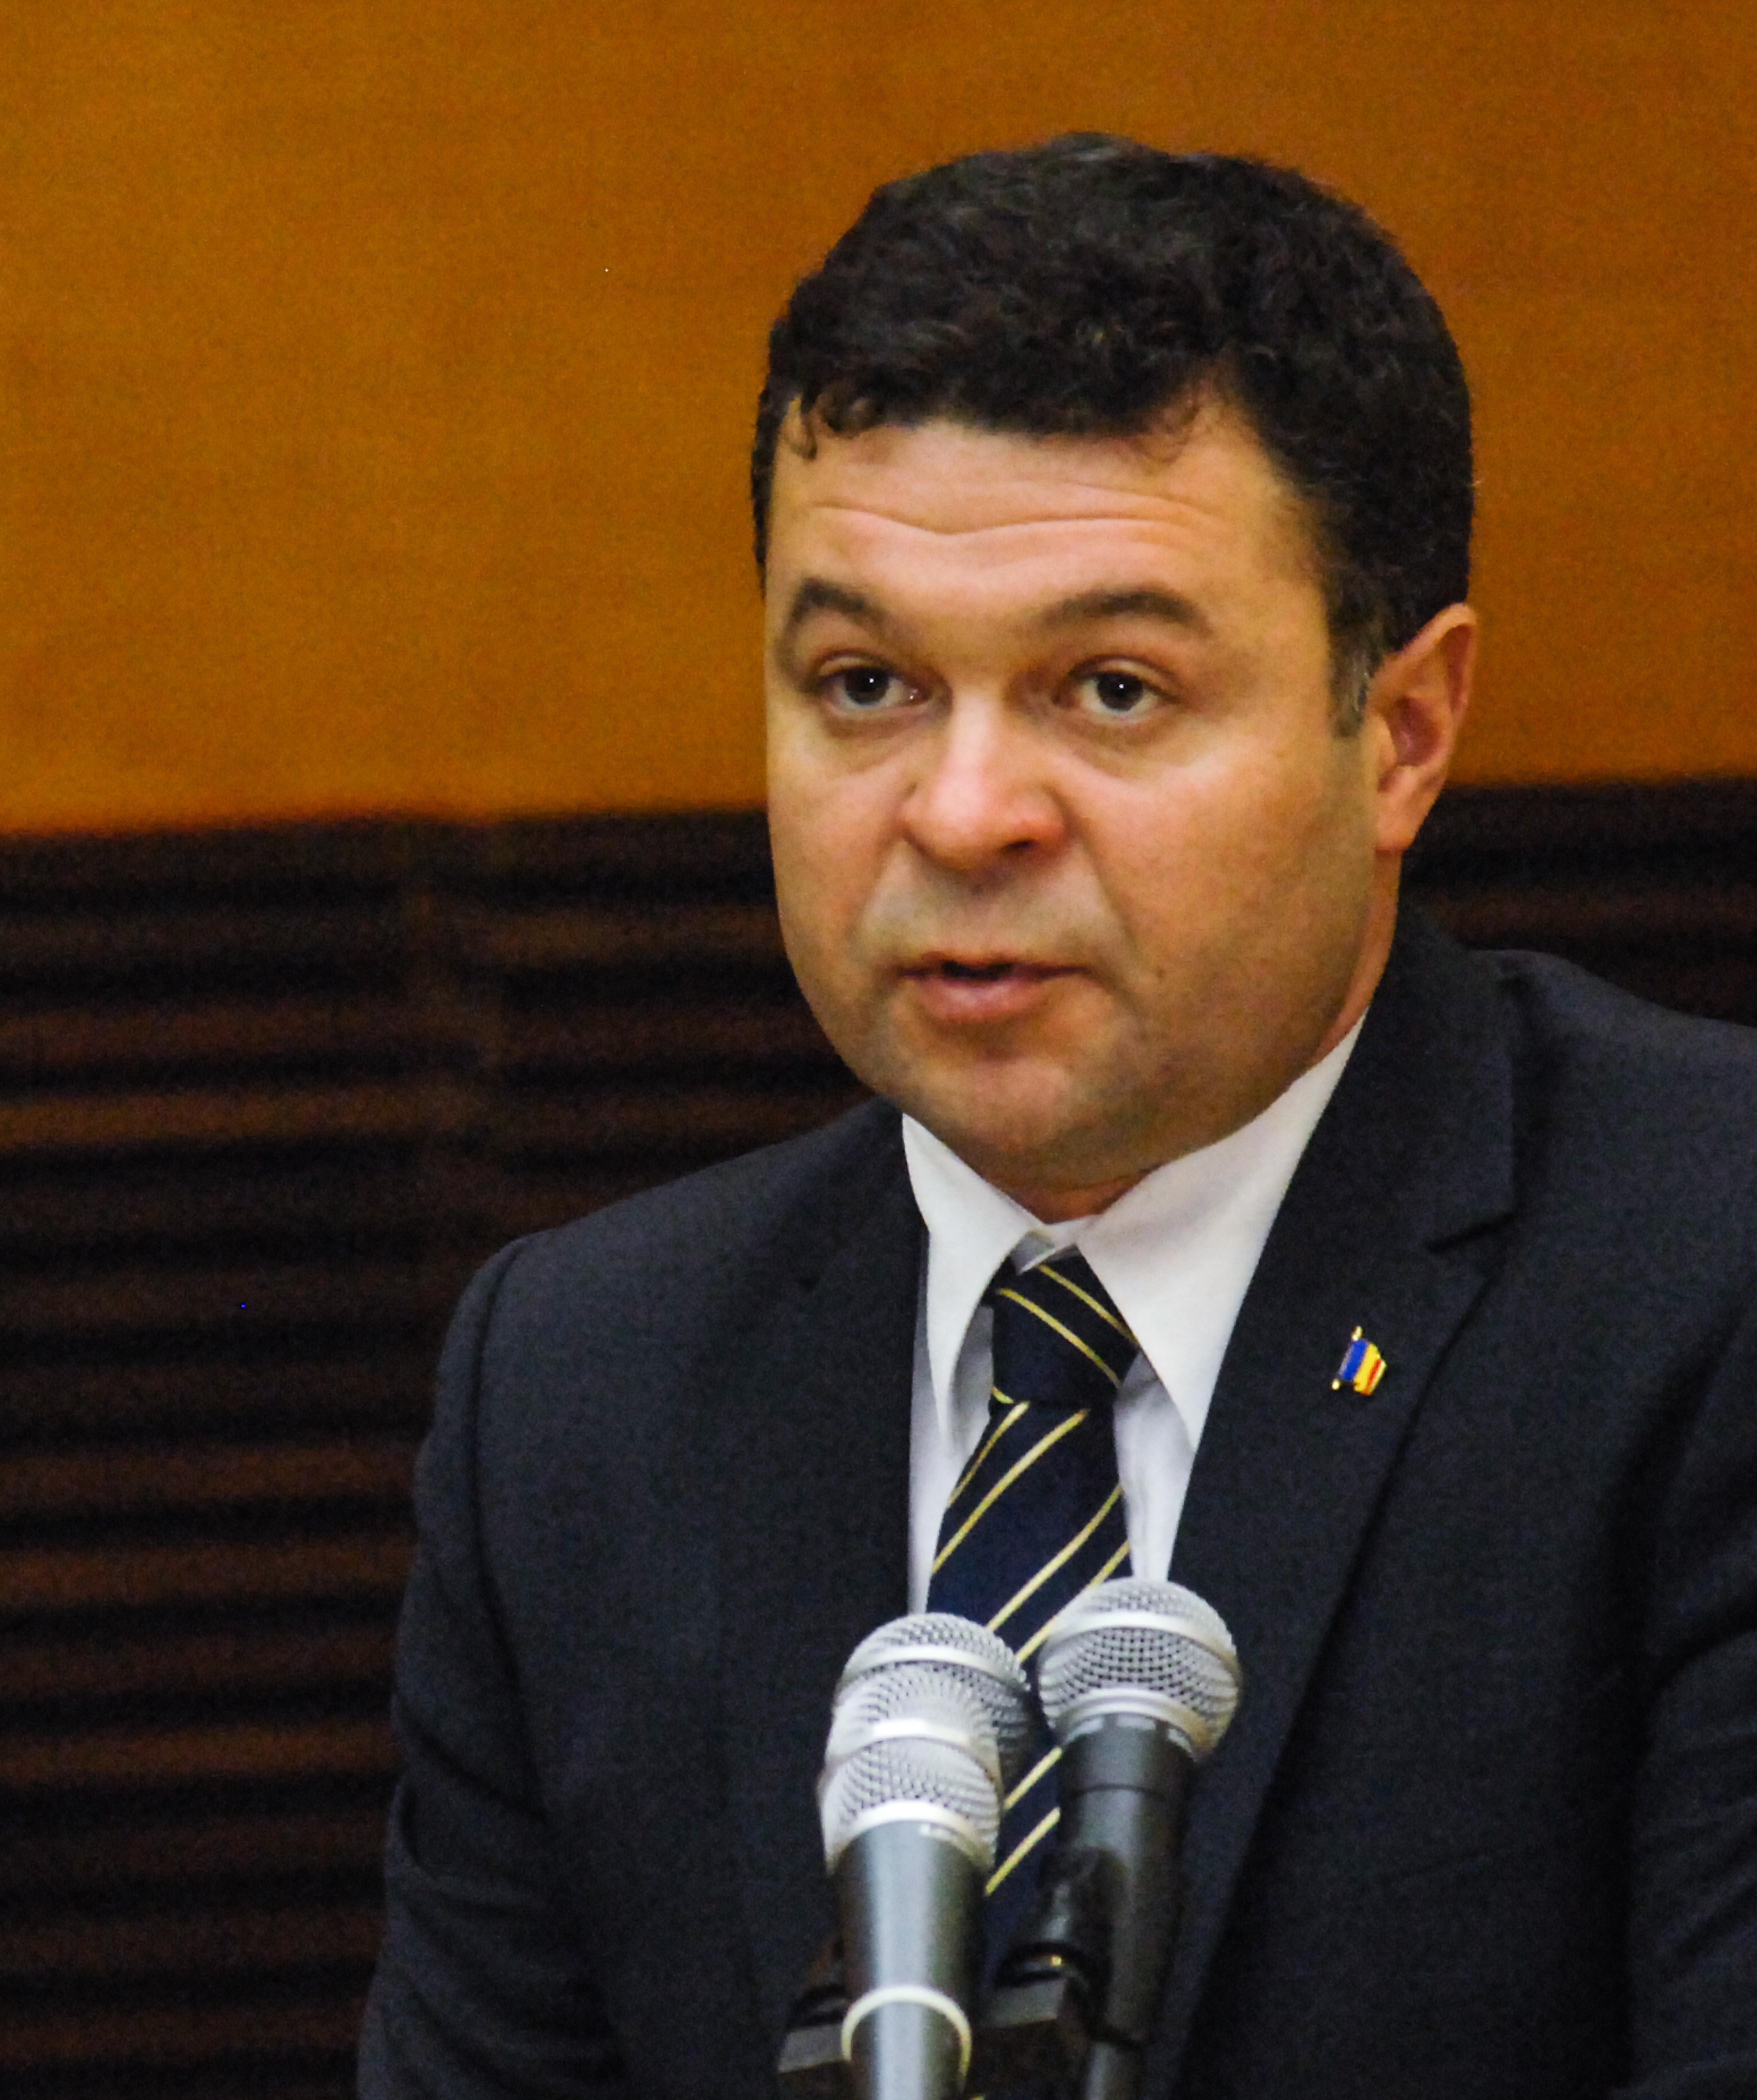 marilen-pirtea-rector-uvt